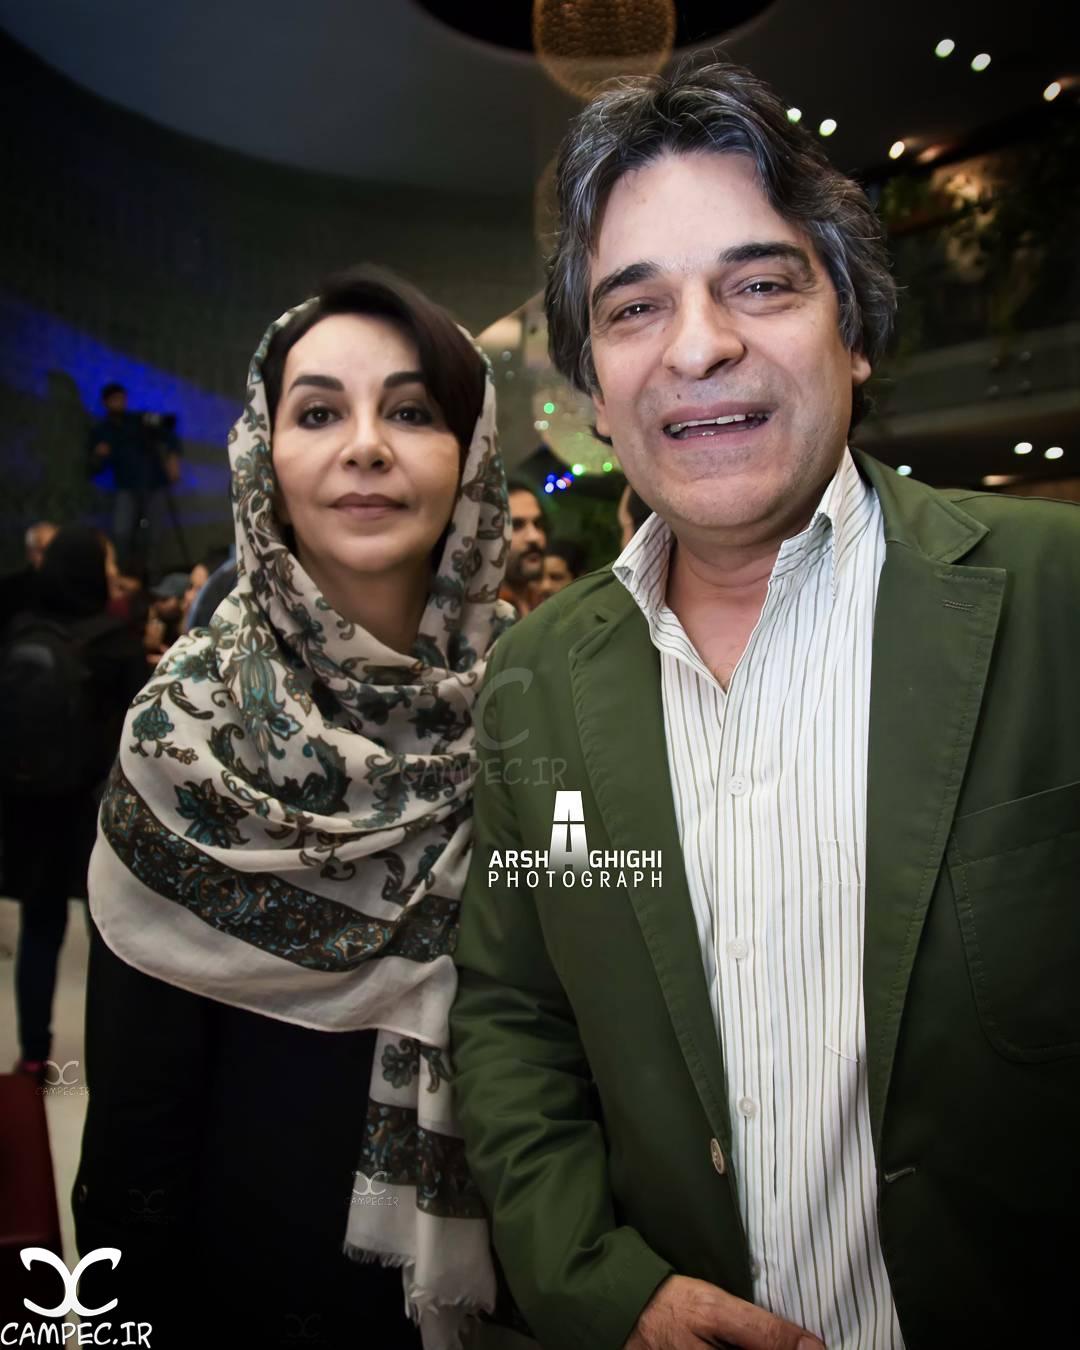 عکسها و بیوگرافی اردلان شجاع کاوه و همسرش الیزا اورامی